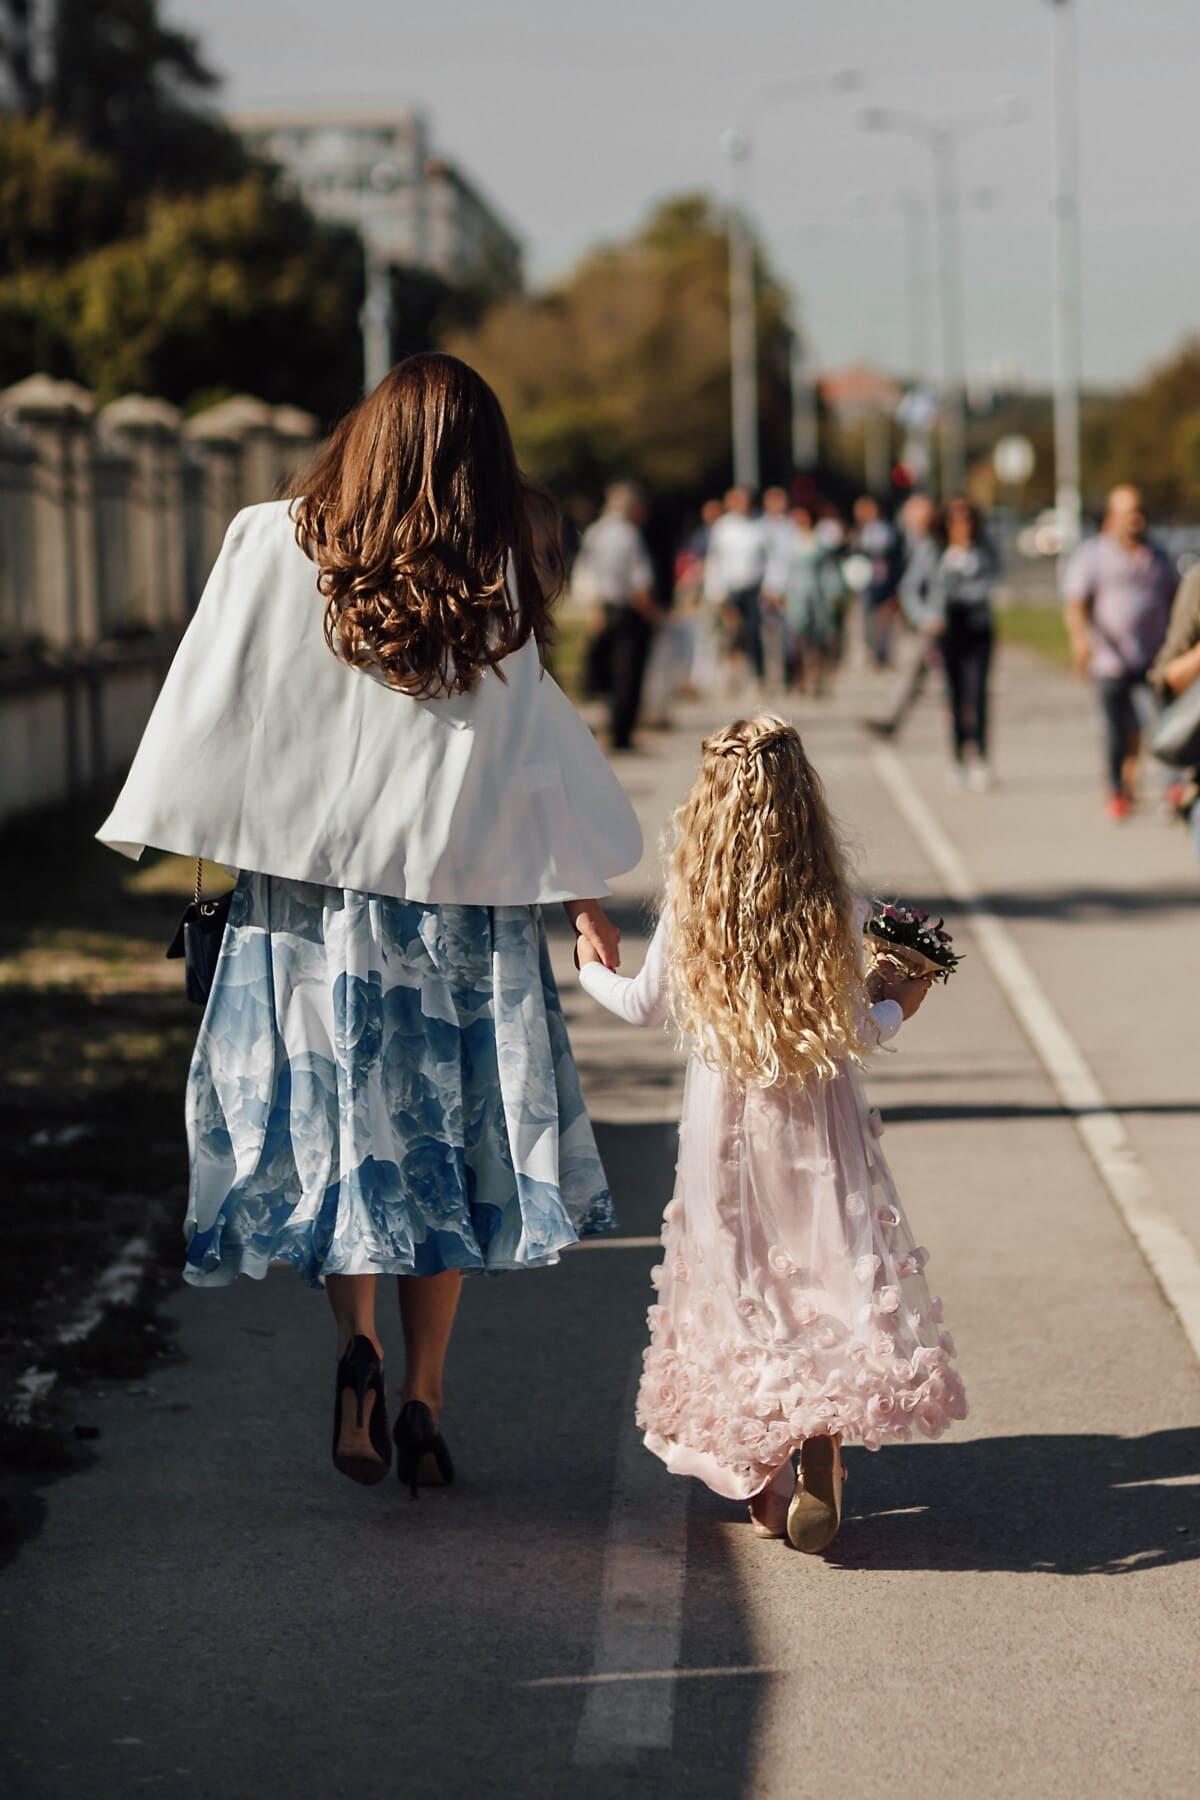 Brünette, Mutter, blonde Haare, Tochter, Fuß, Straße, Menschen, Frau, untergeordnete, Mädchen